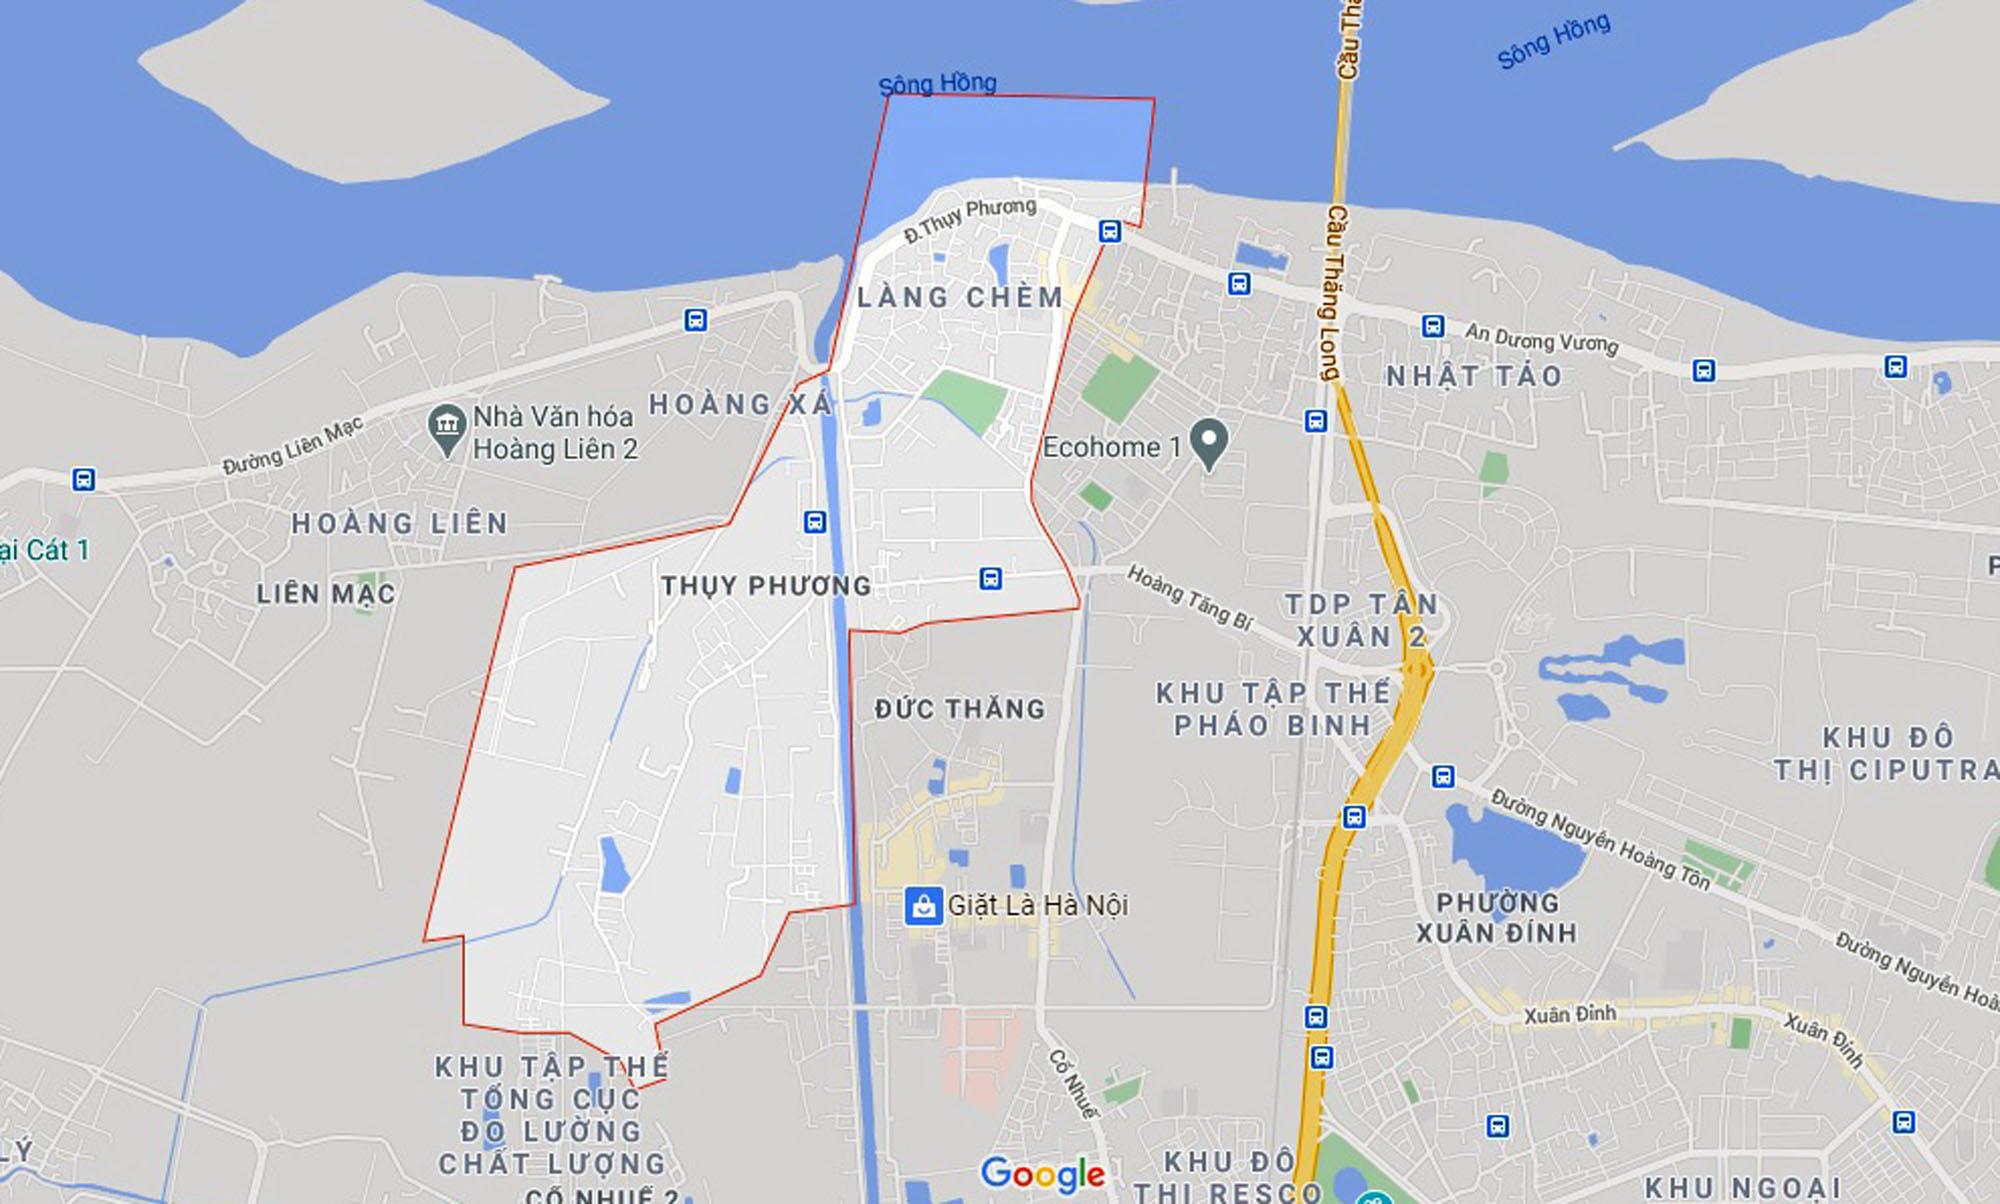 Ba đường sẽ mở theo quy hoạch ở phường Thụy Phương, Bắc Từ Liêm, Hà Nội (phần 3) - Ảnh 1.